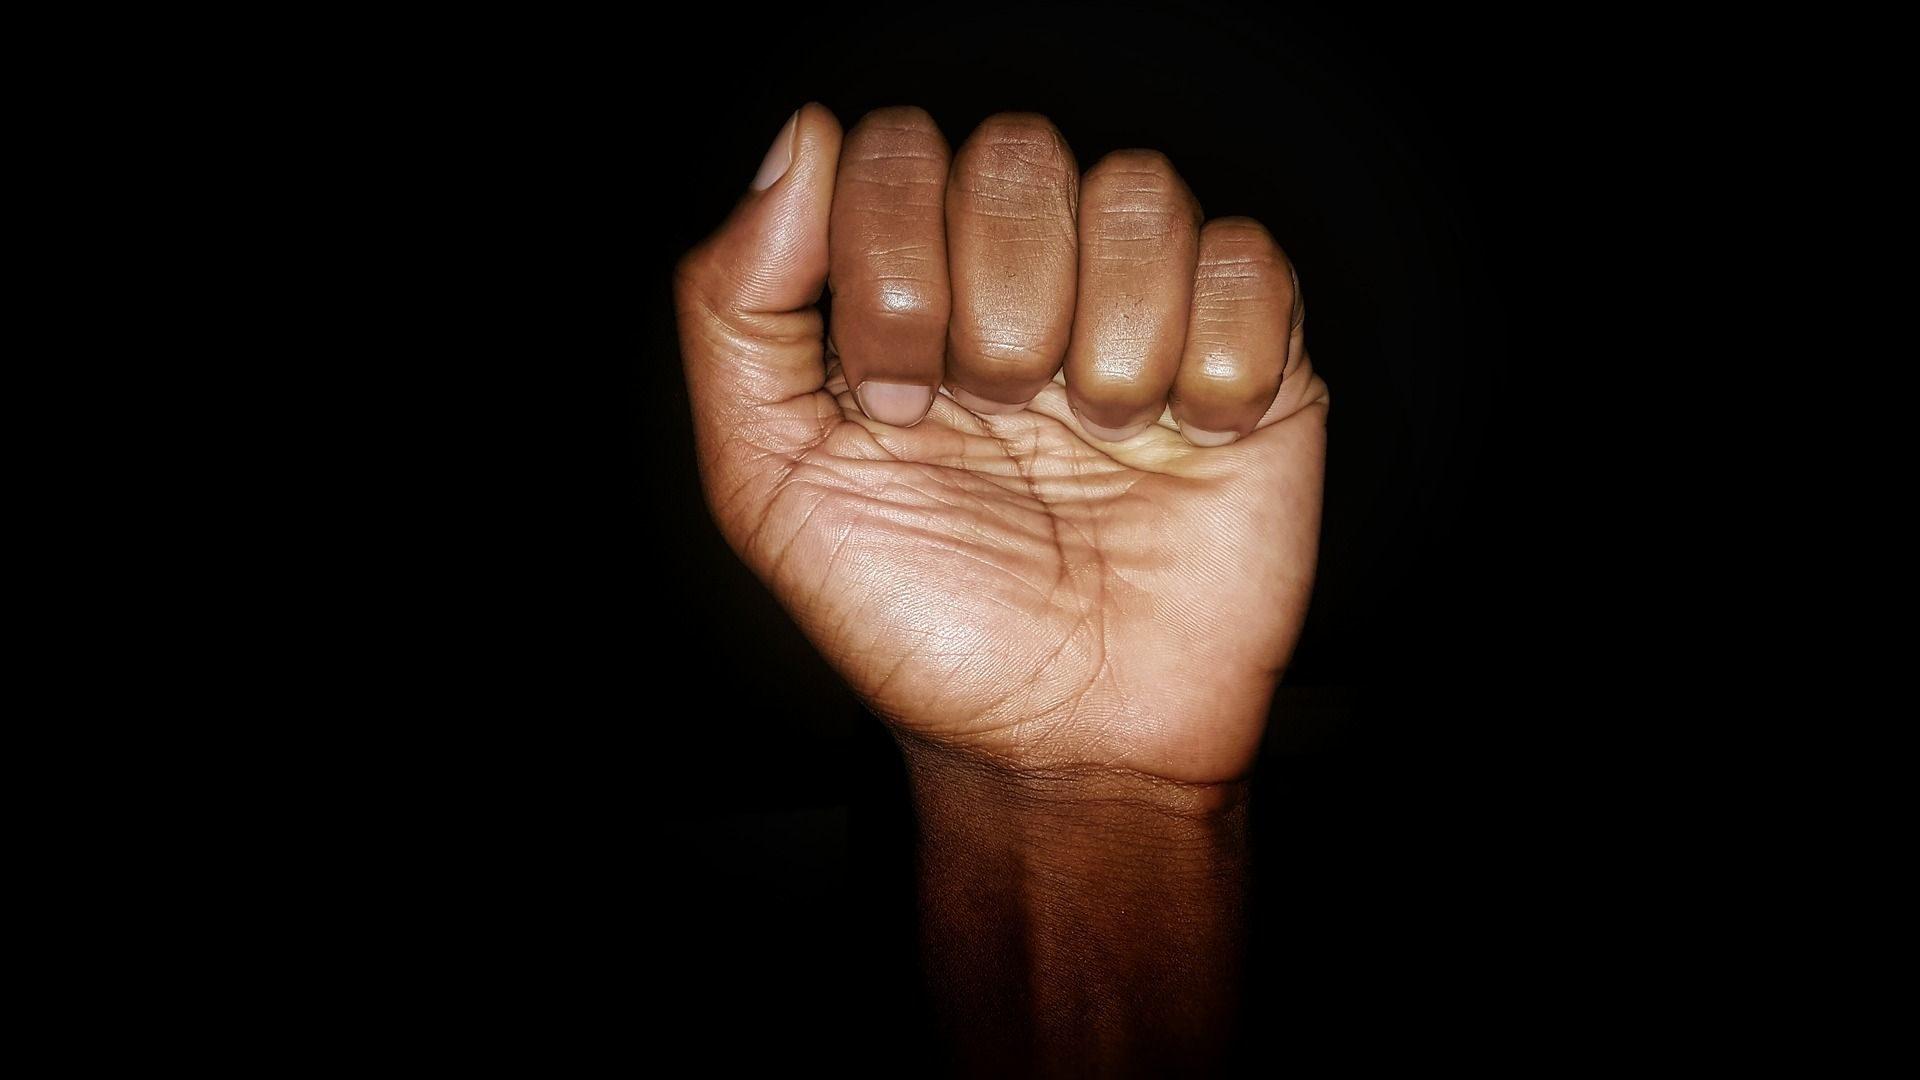 Es ist klasse, dass so viele Menschen weltweit auf die Straße gehen um gegen Rassismus und Polizeigewalt zu demonstrieren.